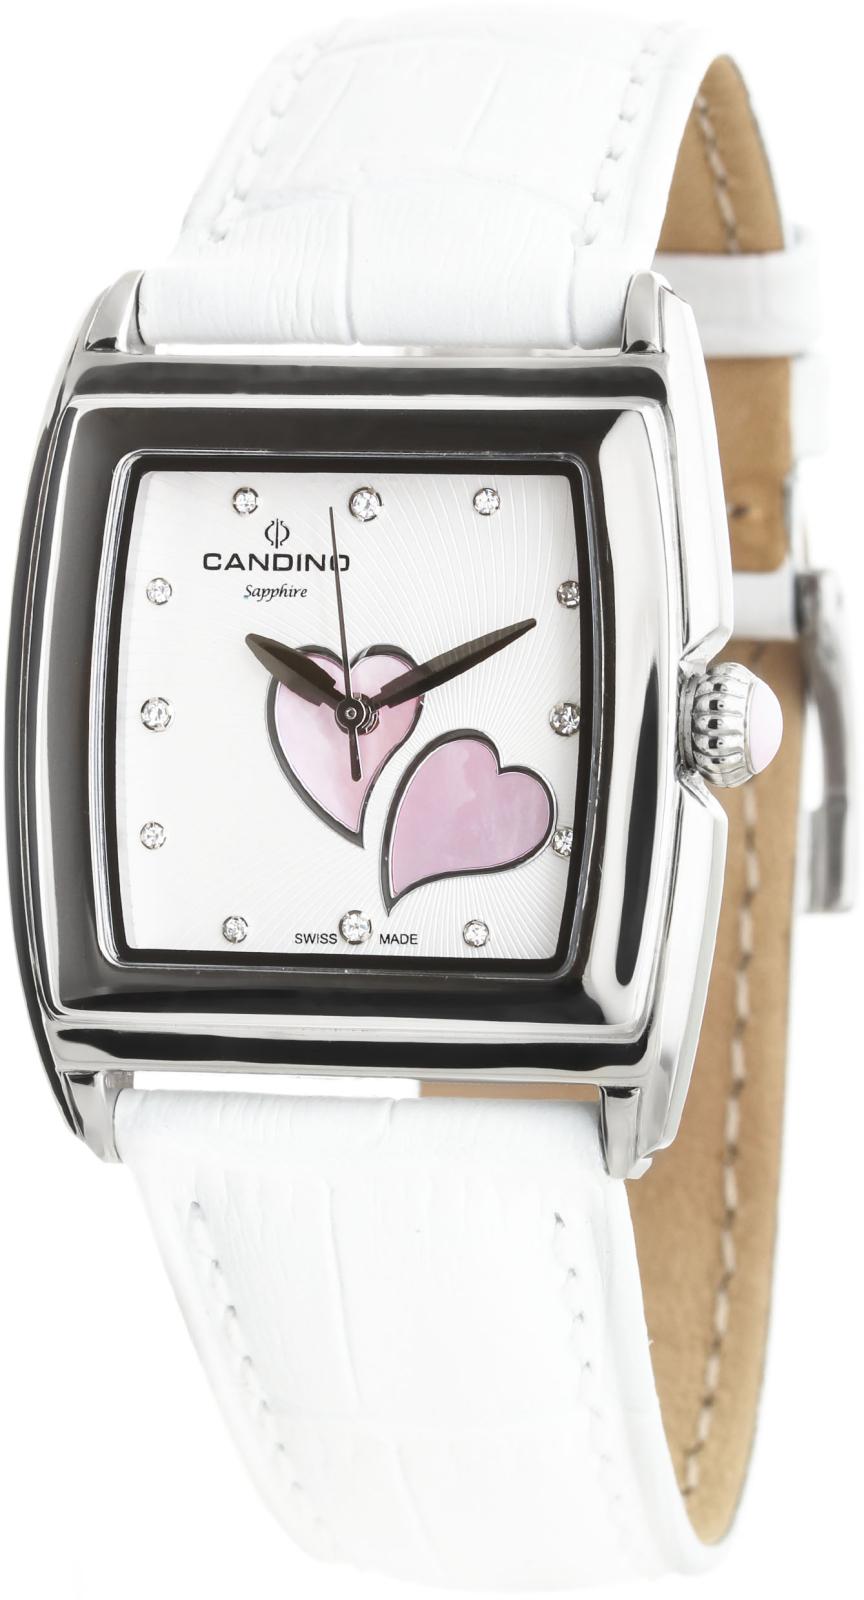 Candino Elegance  C4475/2Наручные часы<br>Швейцарские часы Candino Elegance C4475/2Данная модель — яркий представитель коллекции Elegance . Это великолепные женские часы. Материал корпуса часов — сталь. Циферблат часов защищает сапфировое стекло. Водозащита - 50 м.<br><br>Для кого?: Женские<br>Страна-производитель: Швейцария<br>Механизм: Кварцевый<br>Материал корпуса: Сталь<br>Материал ремня/браслета: Кожа<br>Водозащита, диапазон: 20 - 100 м<br>Стекло: Сапфировое<br>Толщина корпуса/: <br>Стиль/: